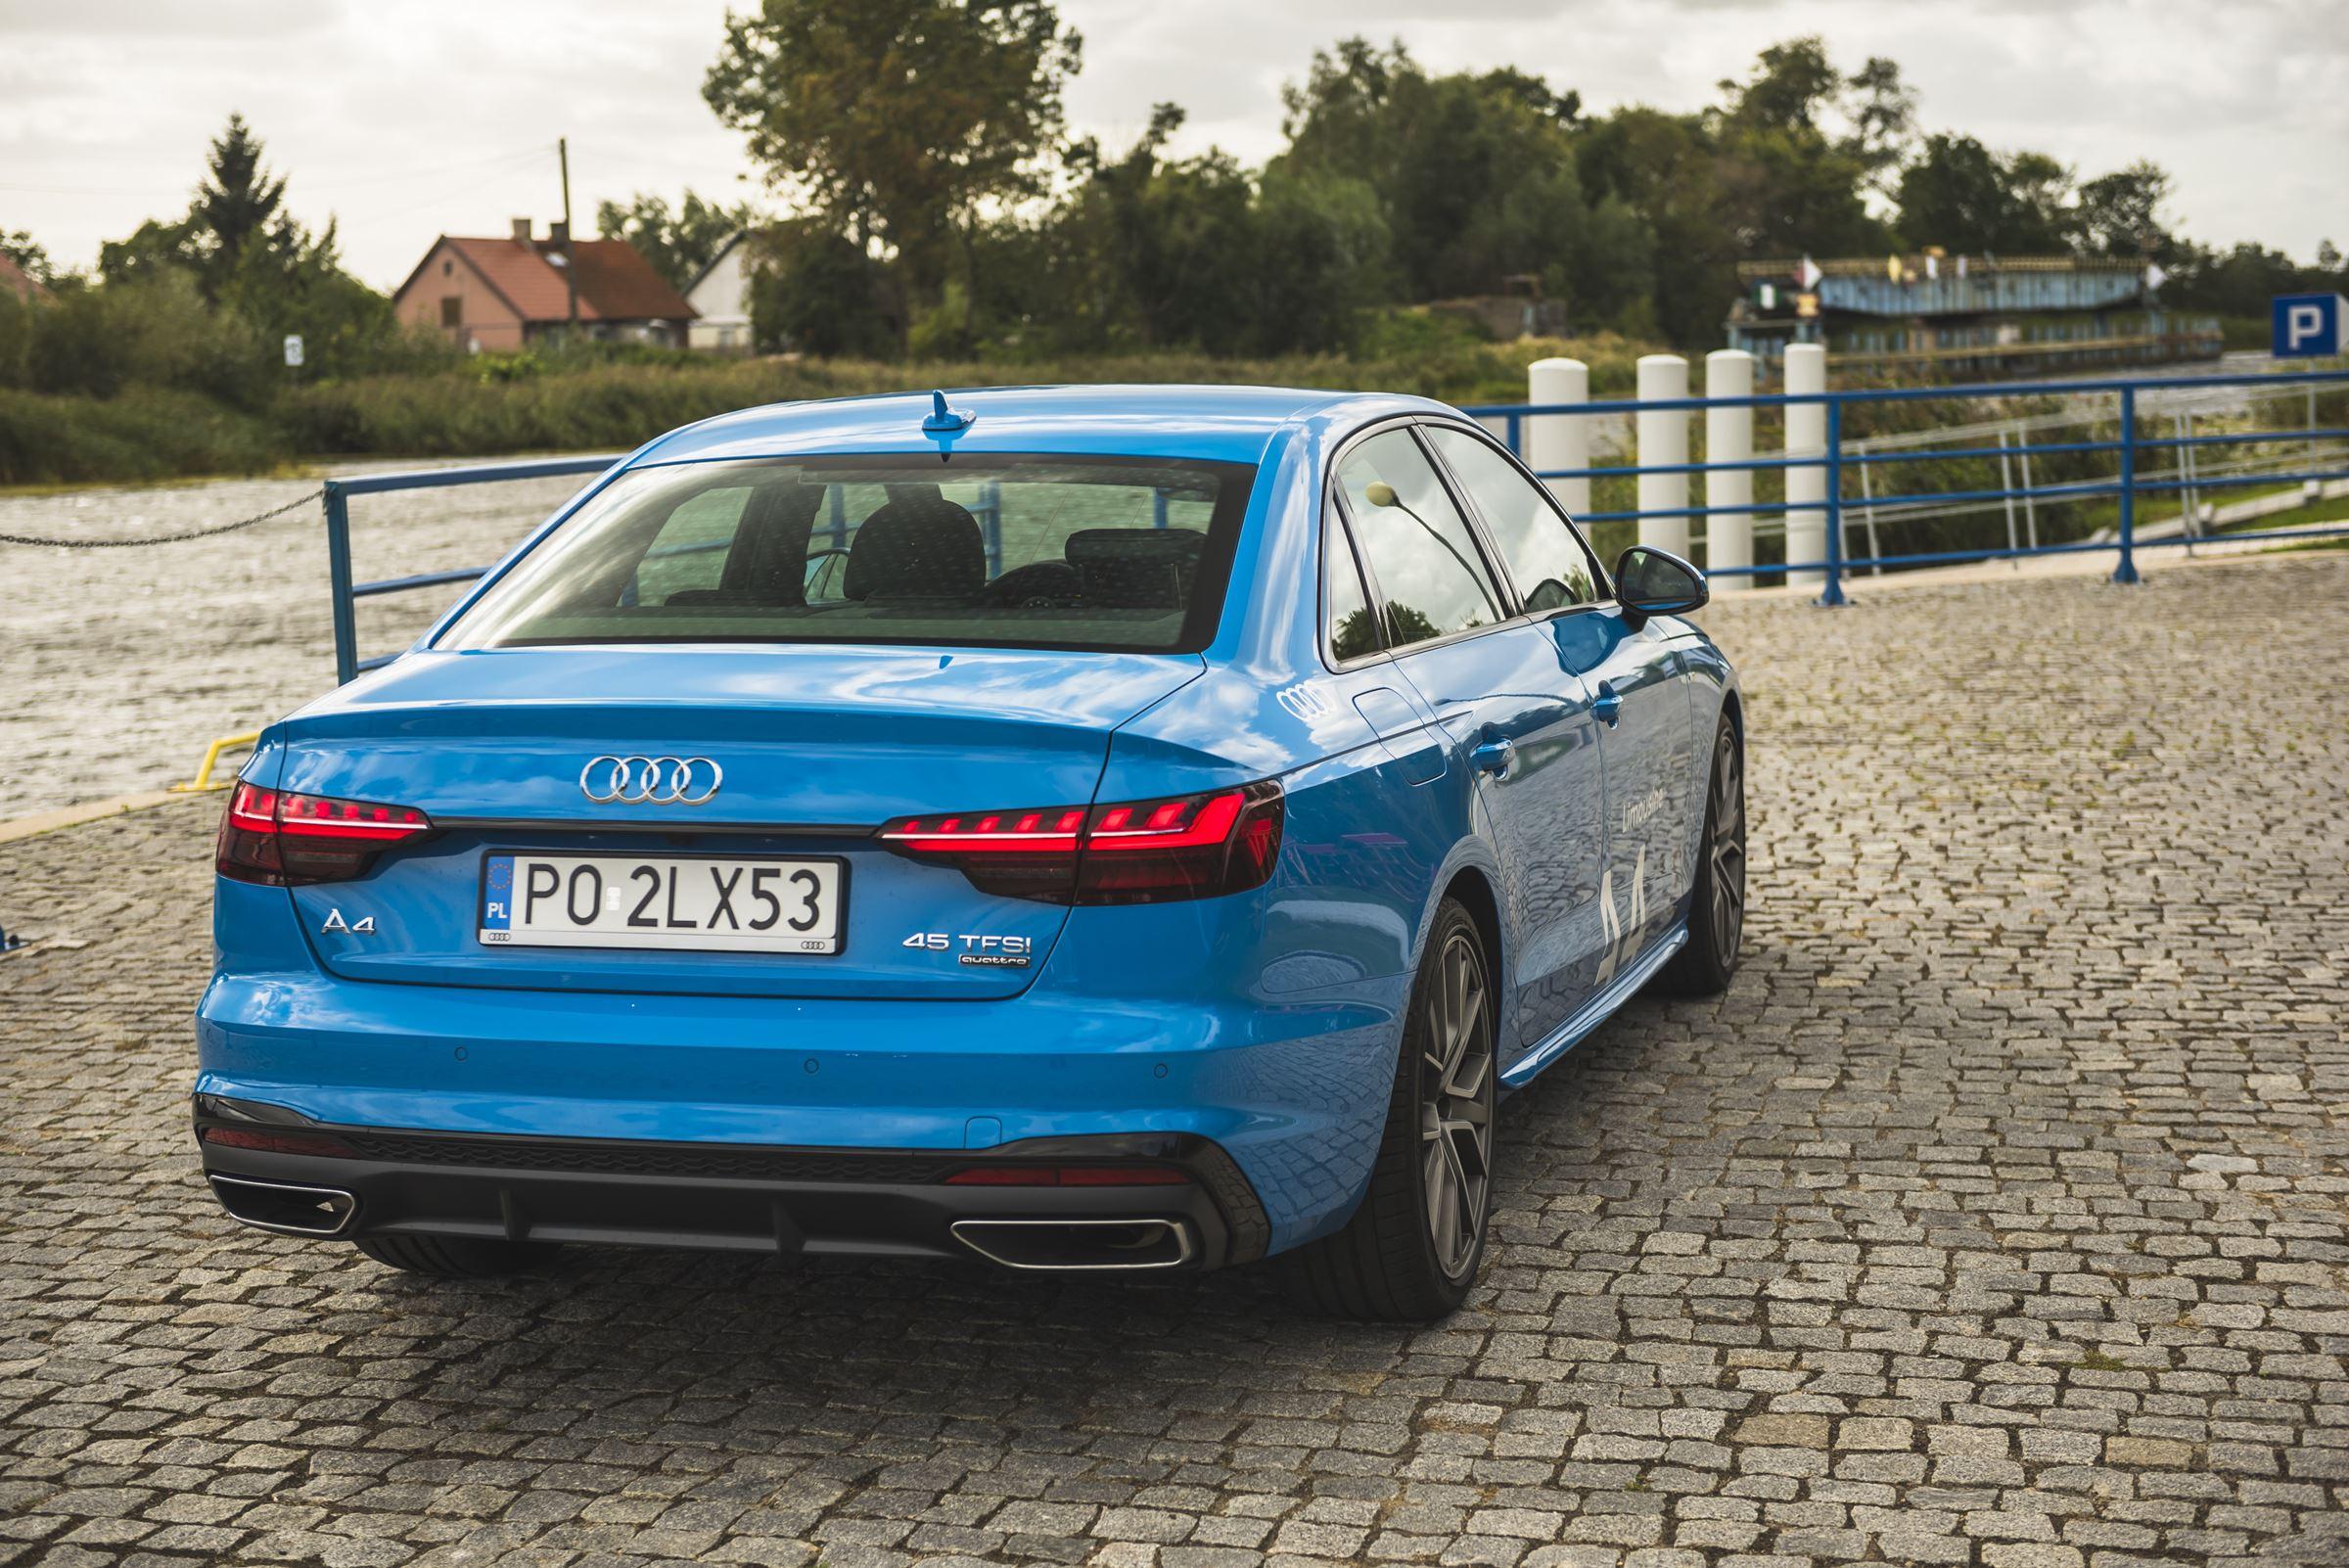 Audi A4 lifting 2019